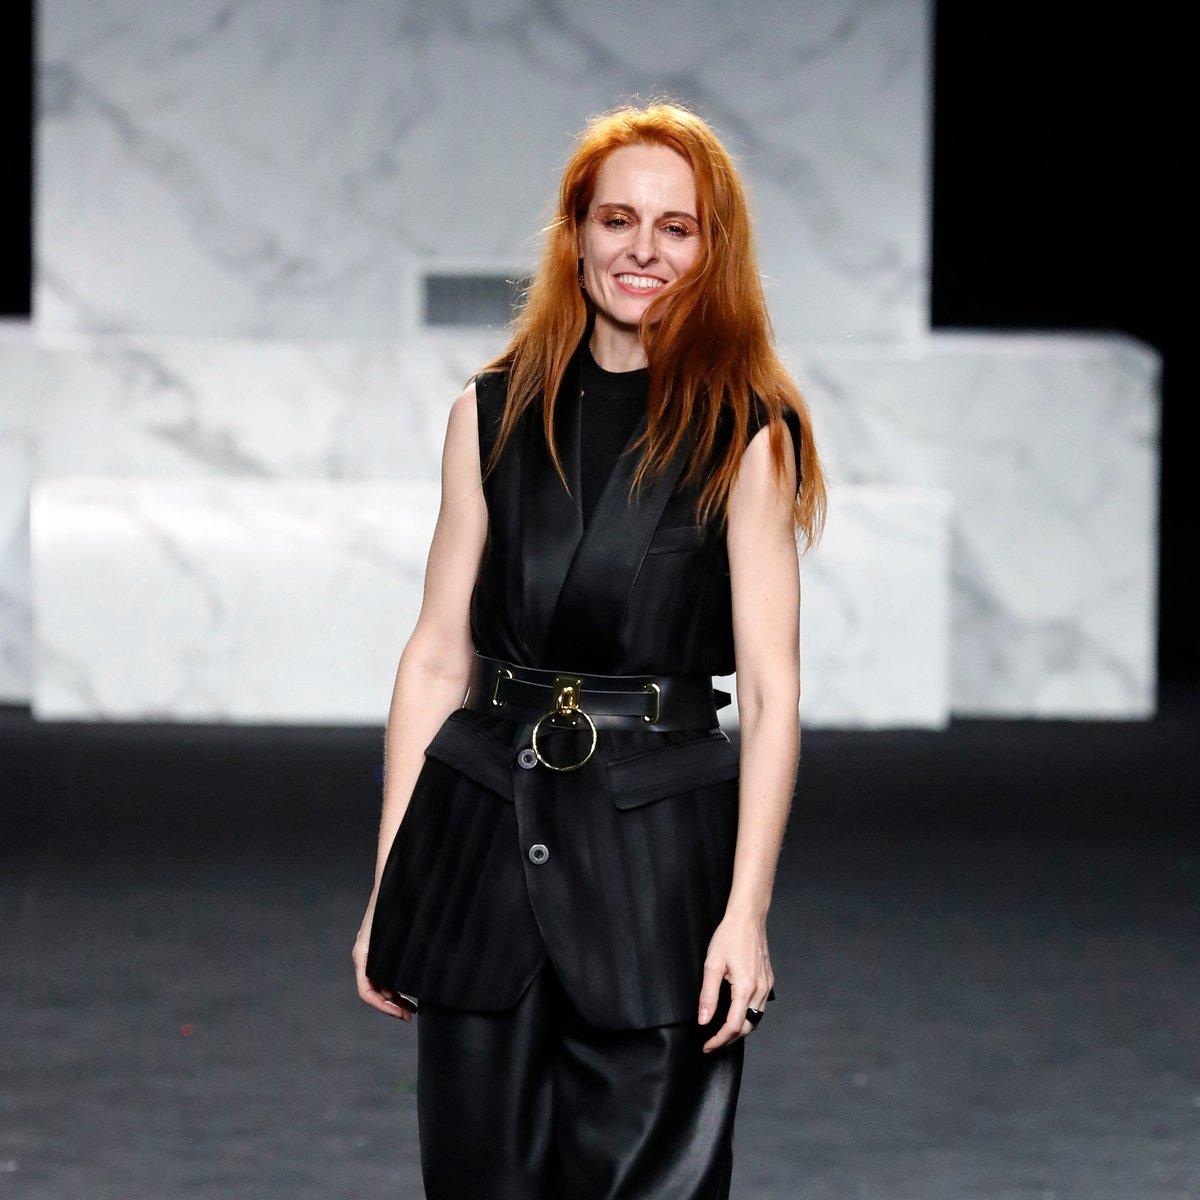 """""""Se trata de potenciar un slow fashion: una moda más justa, ética y responsable tanto con las personas que la fabrican como con los recursos del planeta"""". Gran entrevista a la diseñadora @AnaLocking. ➡ https://t.co/aV9Ue3c68L https://t.co/R6cDagLUD5"""